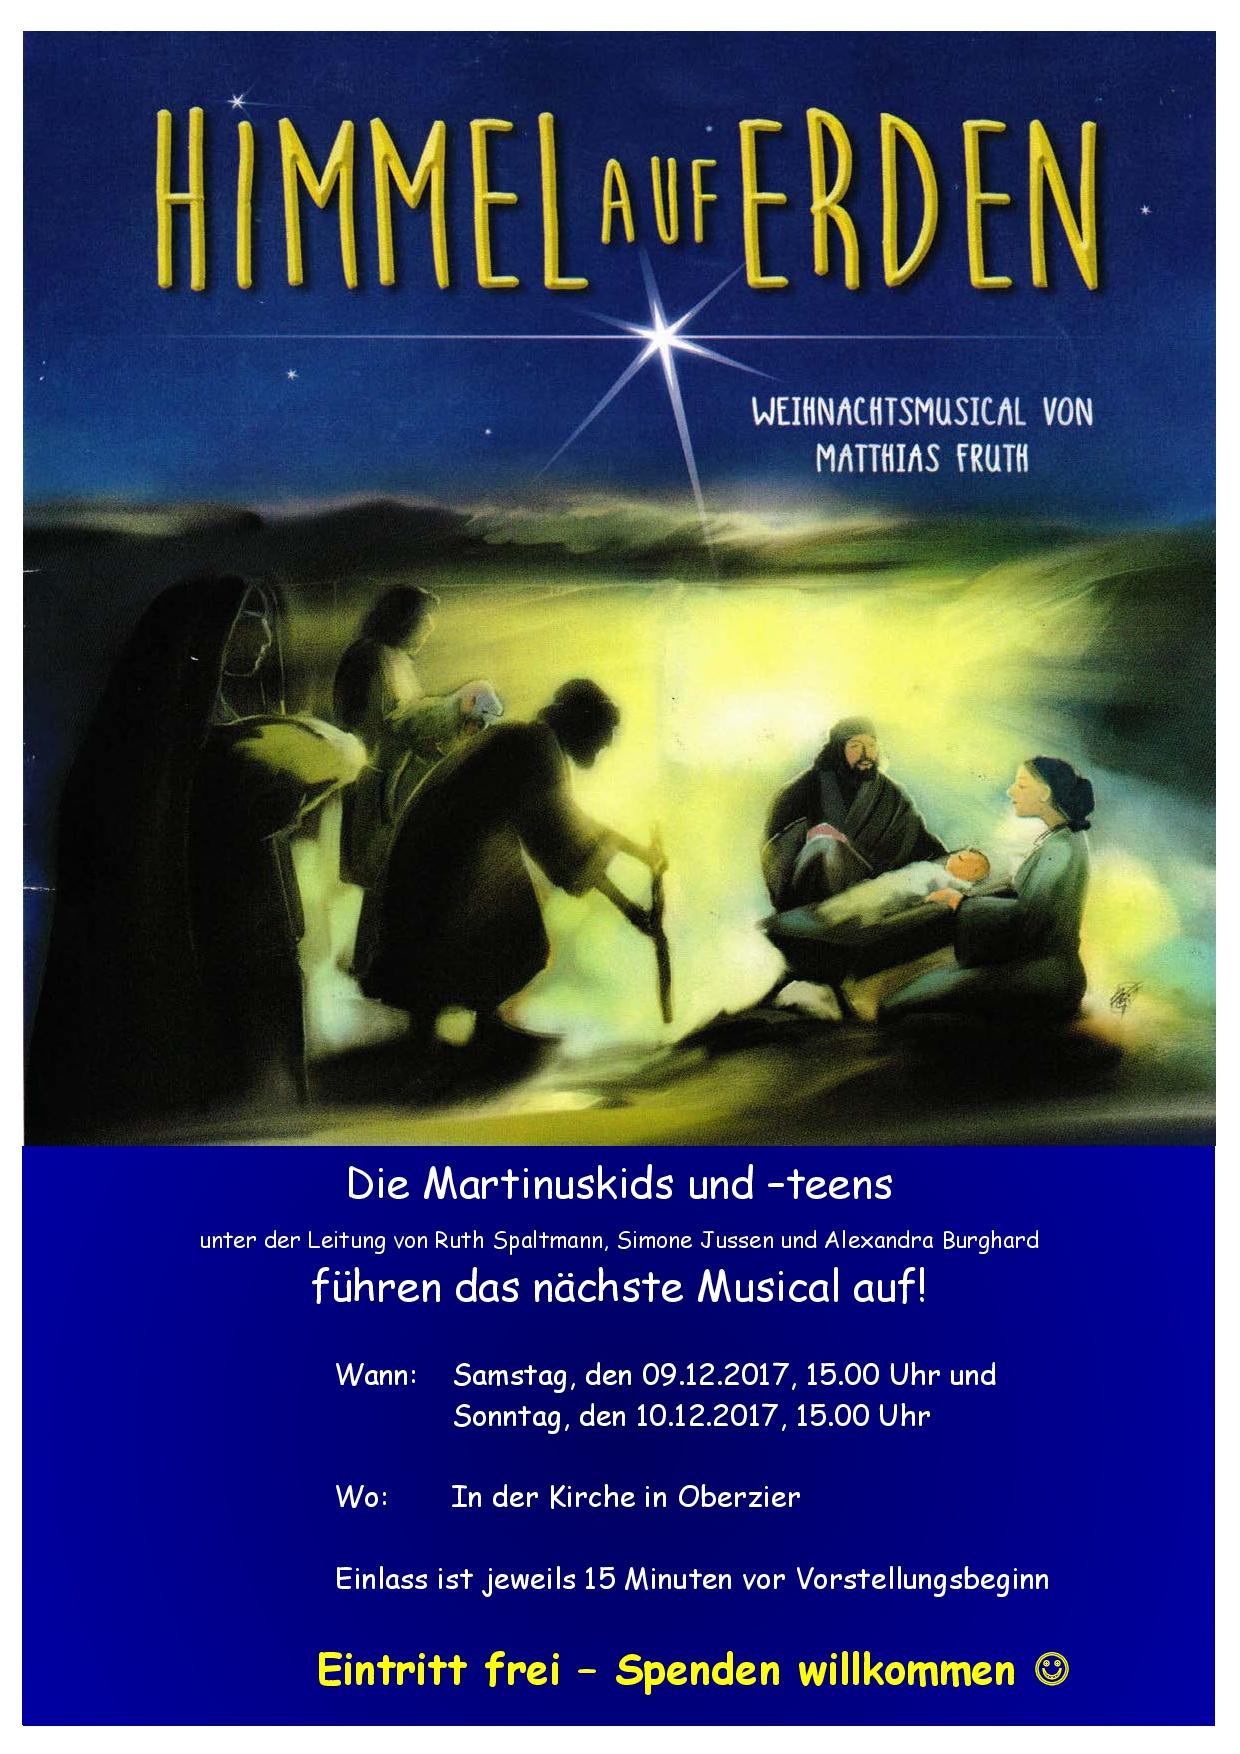 Herzliche Einladung zum Weihnachtsmusical der Martinuskids und -teens